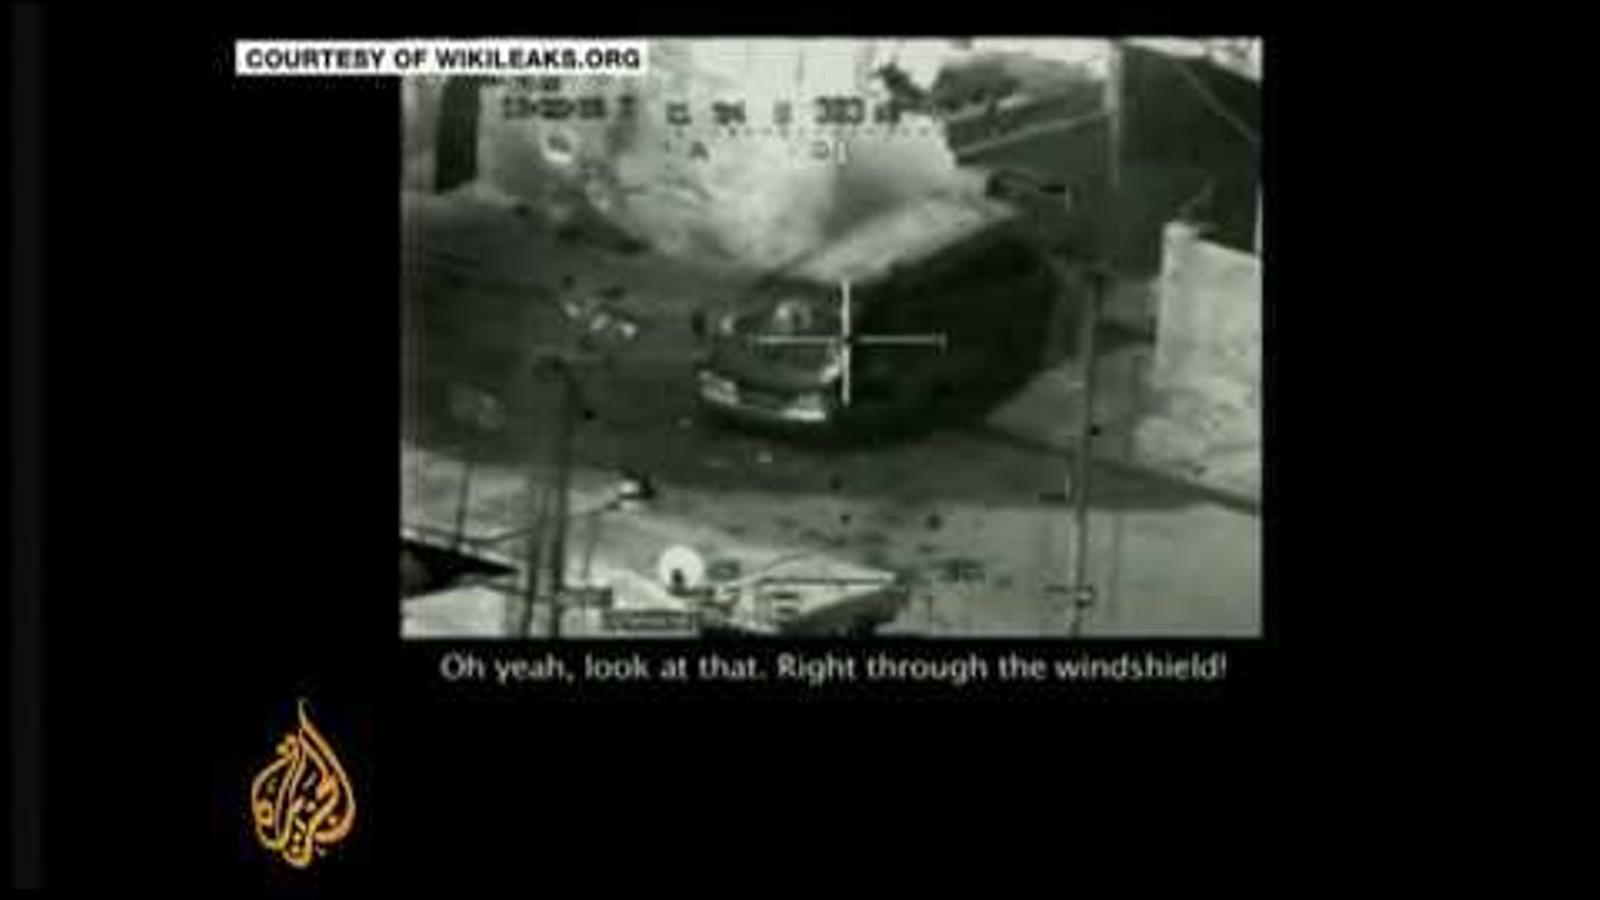 El vídeo de l'atac del 2007 a Iraq que va desfermar la tempesta de Wikileaks